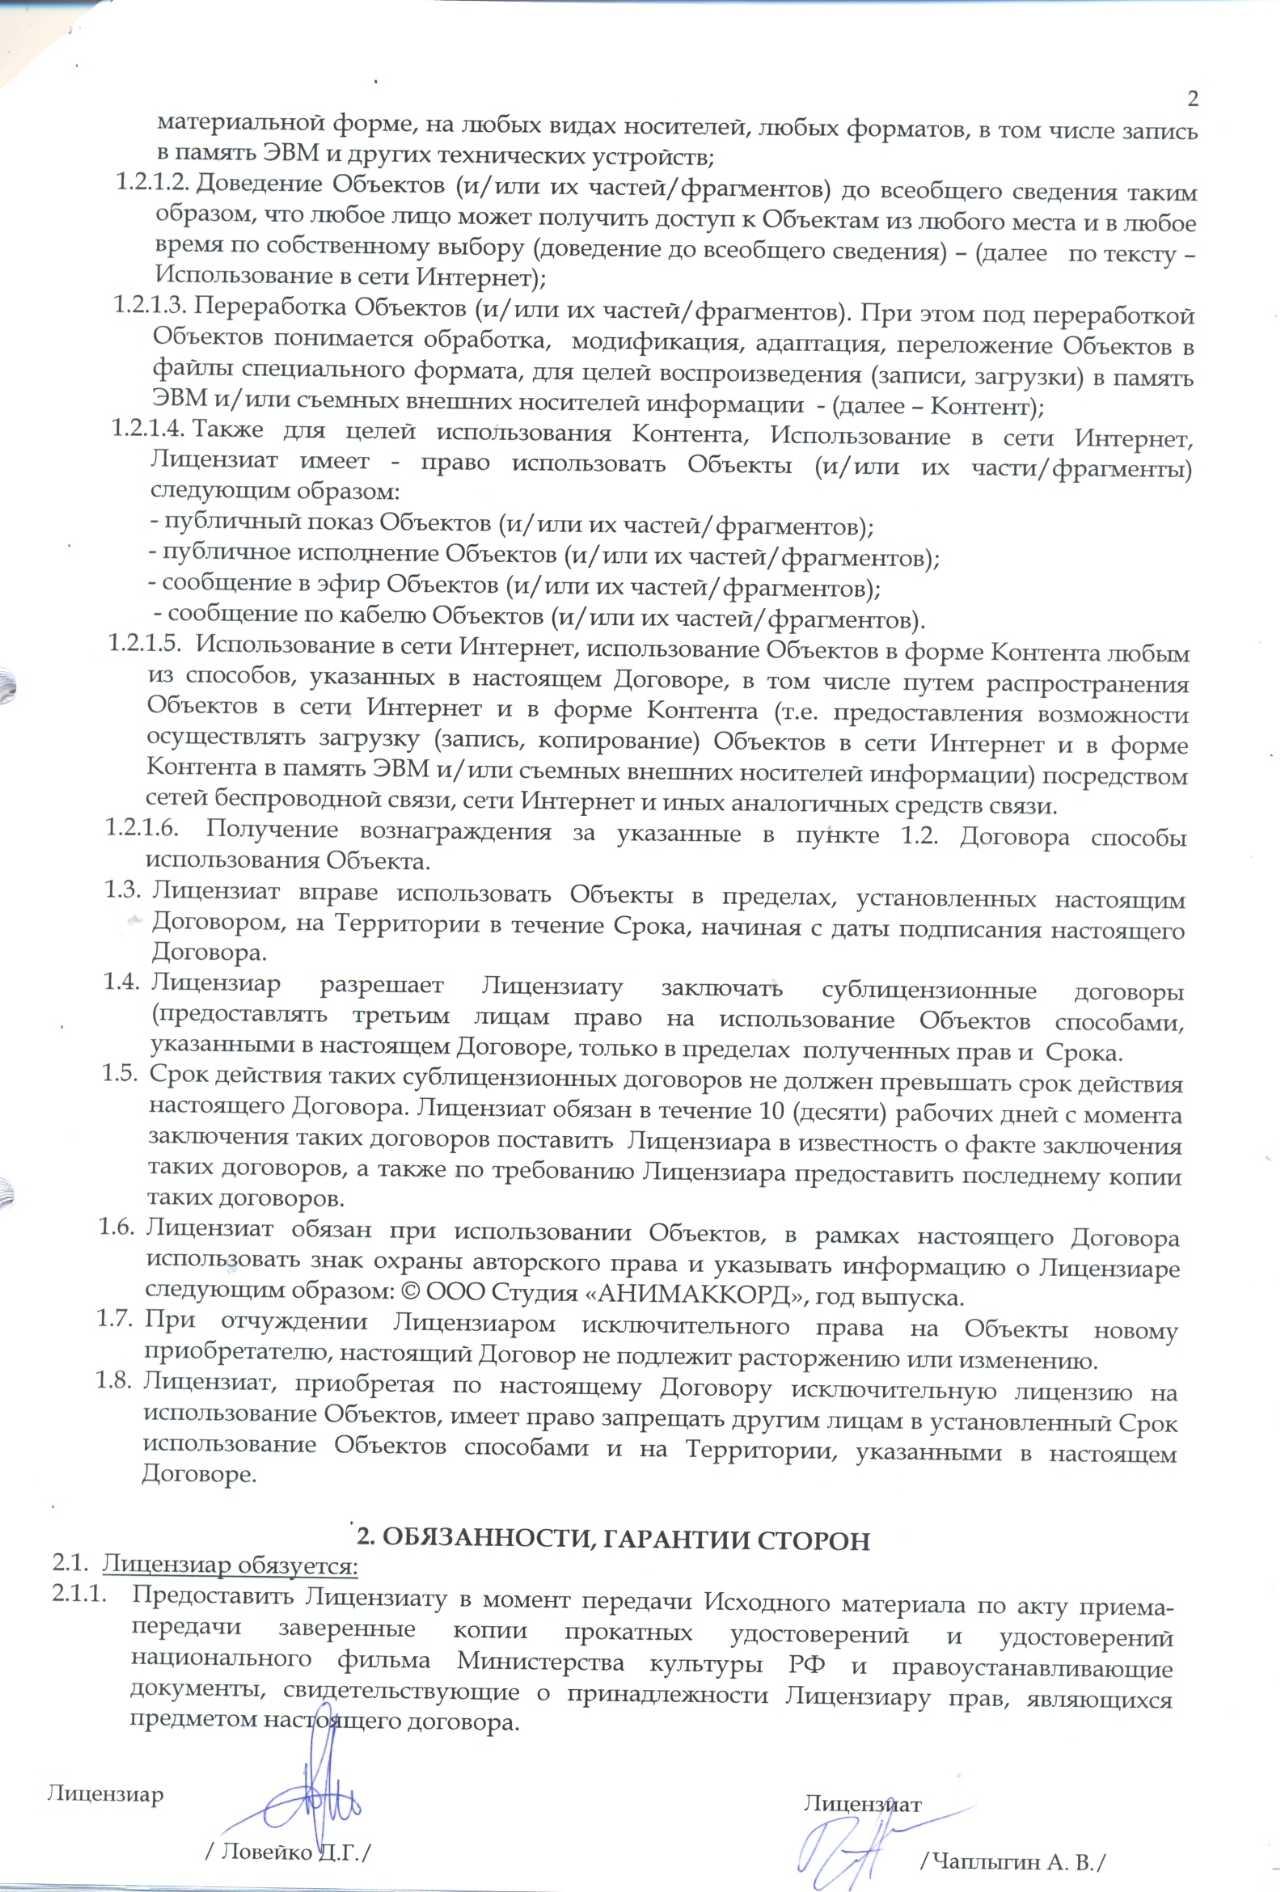 образец лицензионного договора стр.2